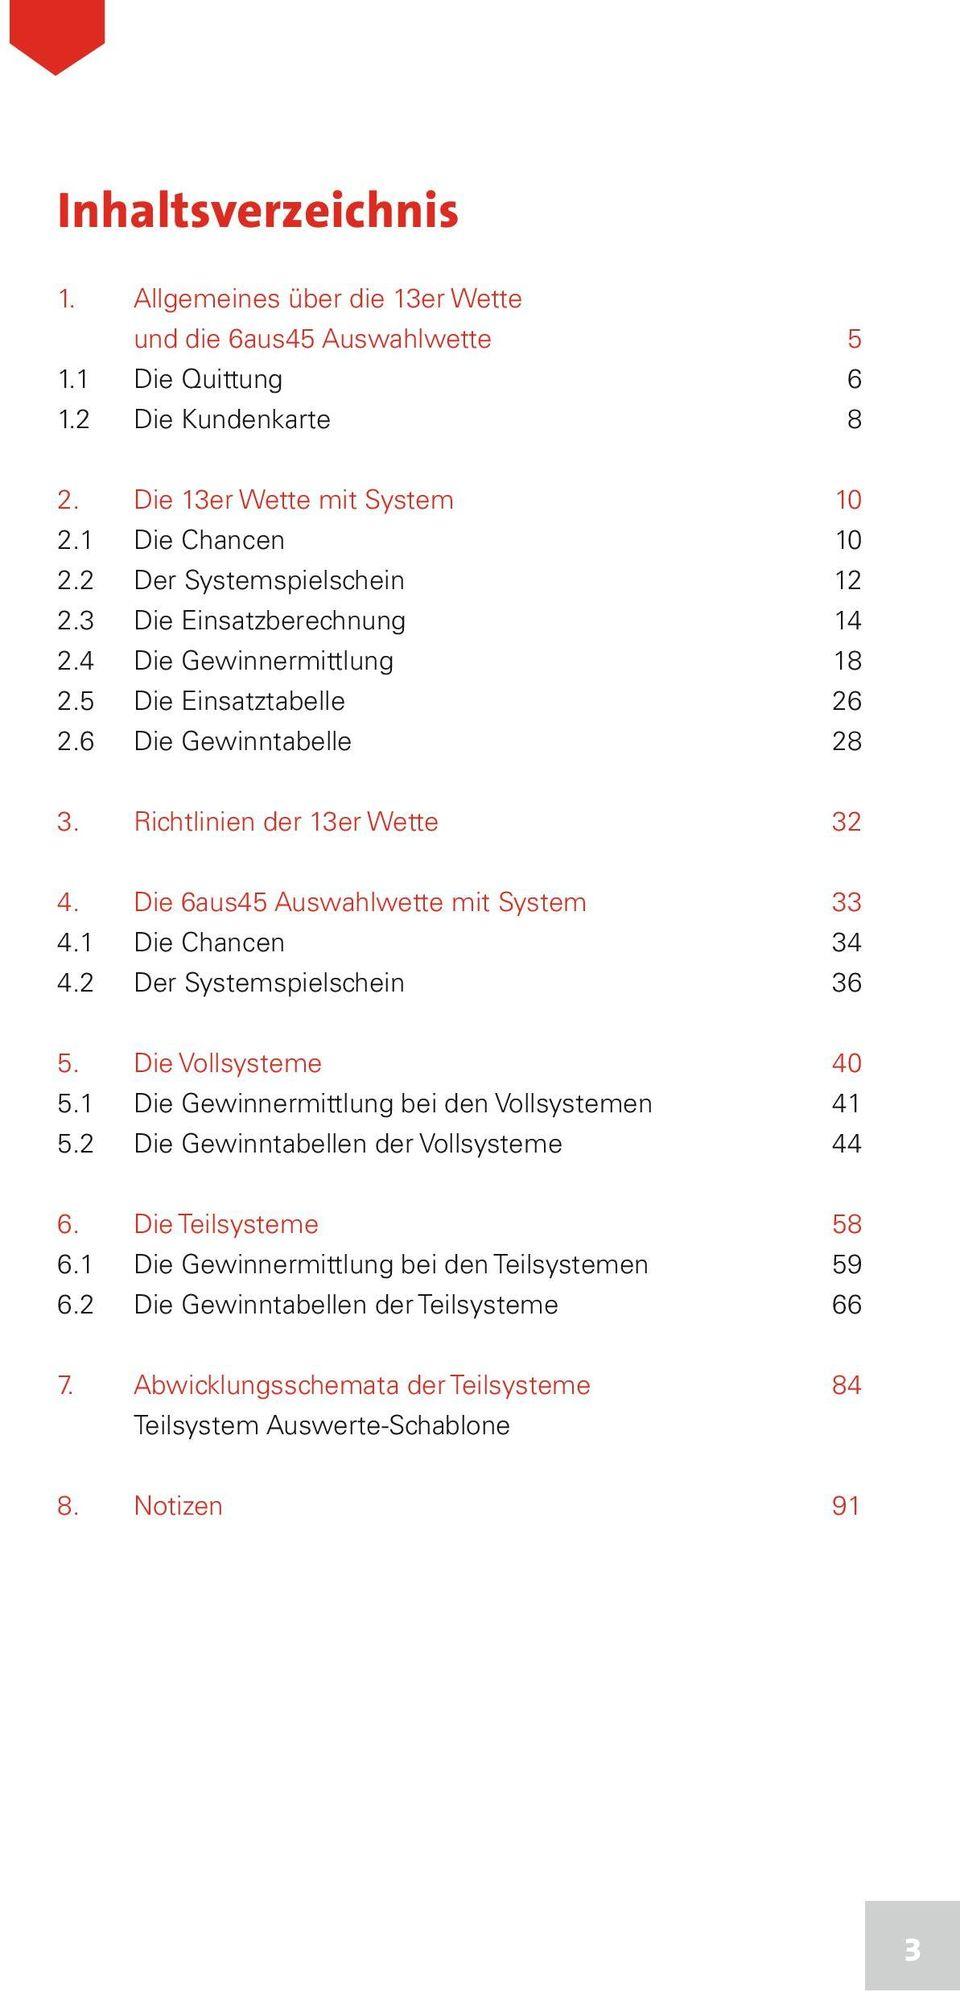 hight resolution of die 6aus45 auswahlwette mit system 33 4 1 die chancen 34 4 2 der systemspielschein 36 5